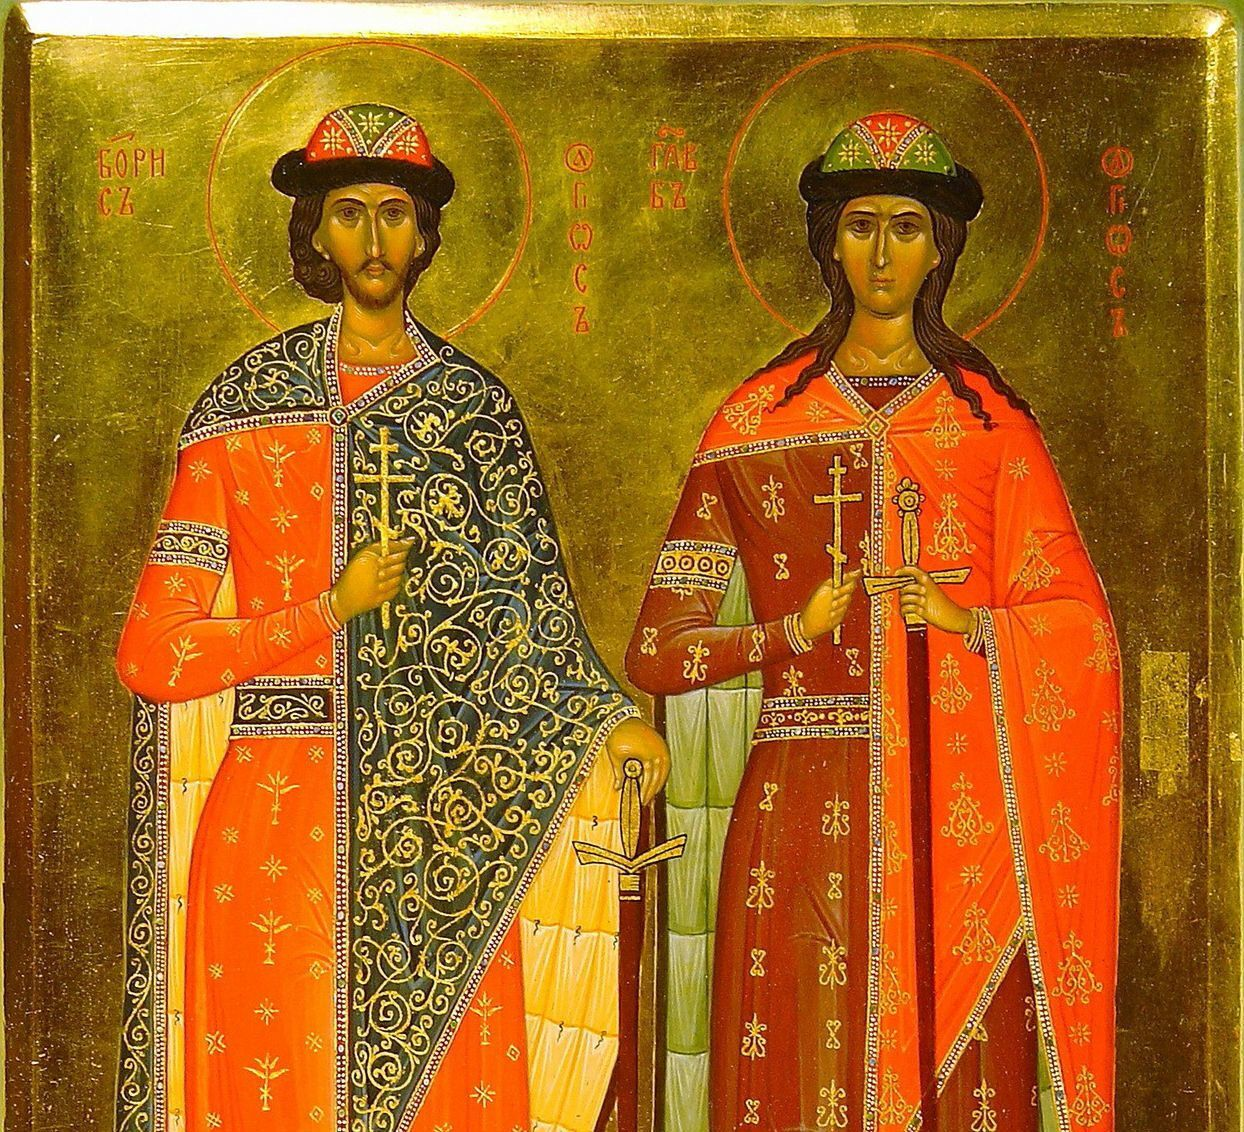 15 травня відзначається день пам'яті князів Бориса і Гліба.